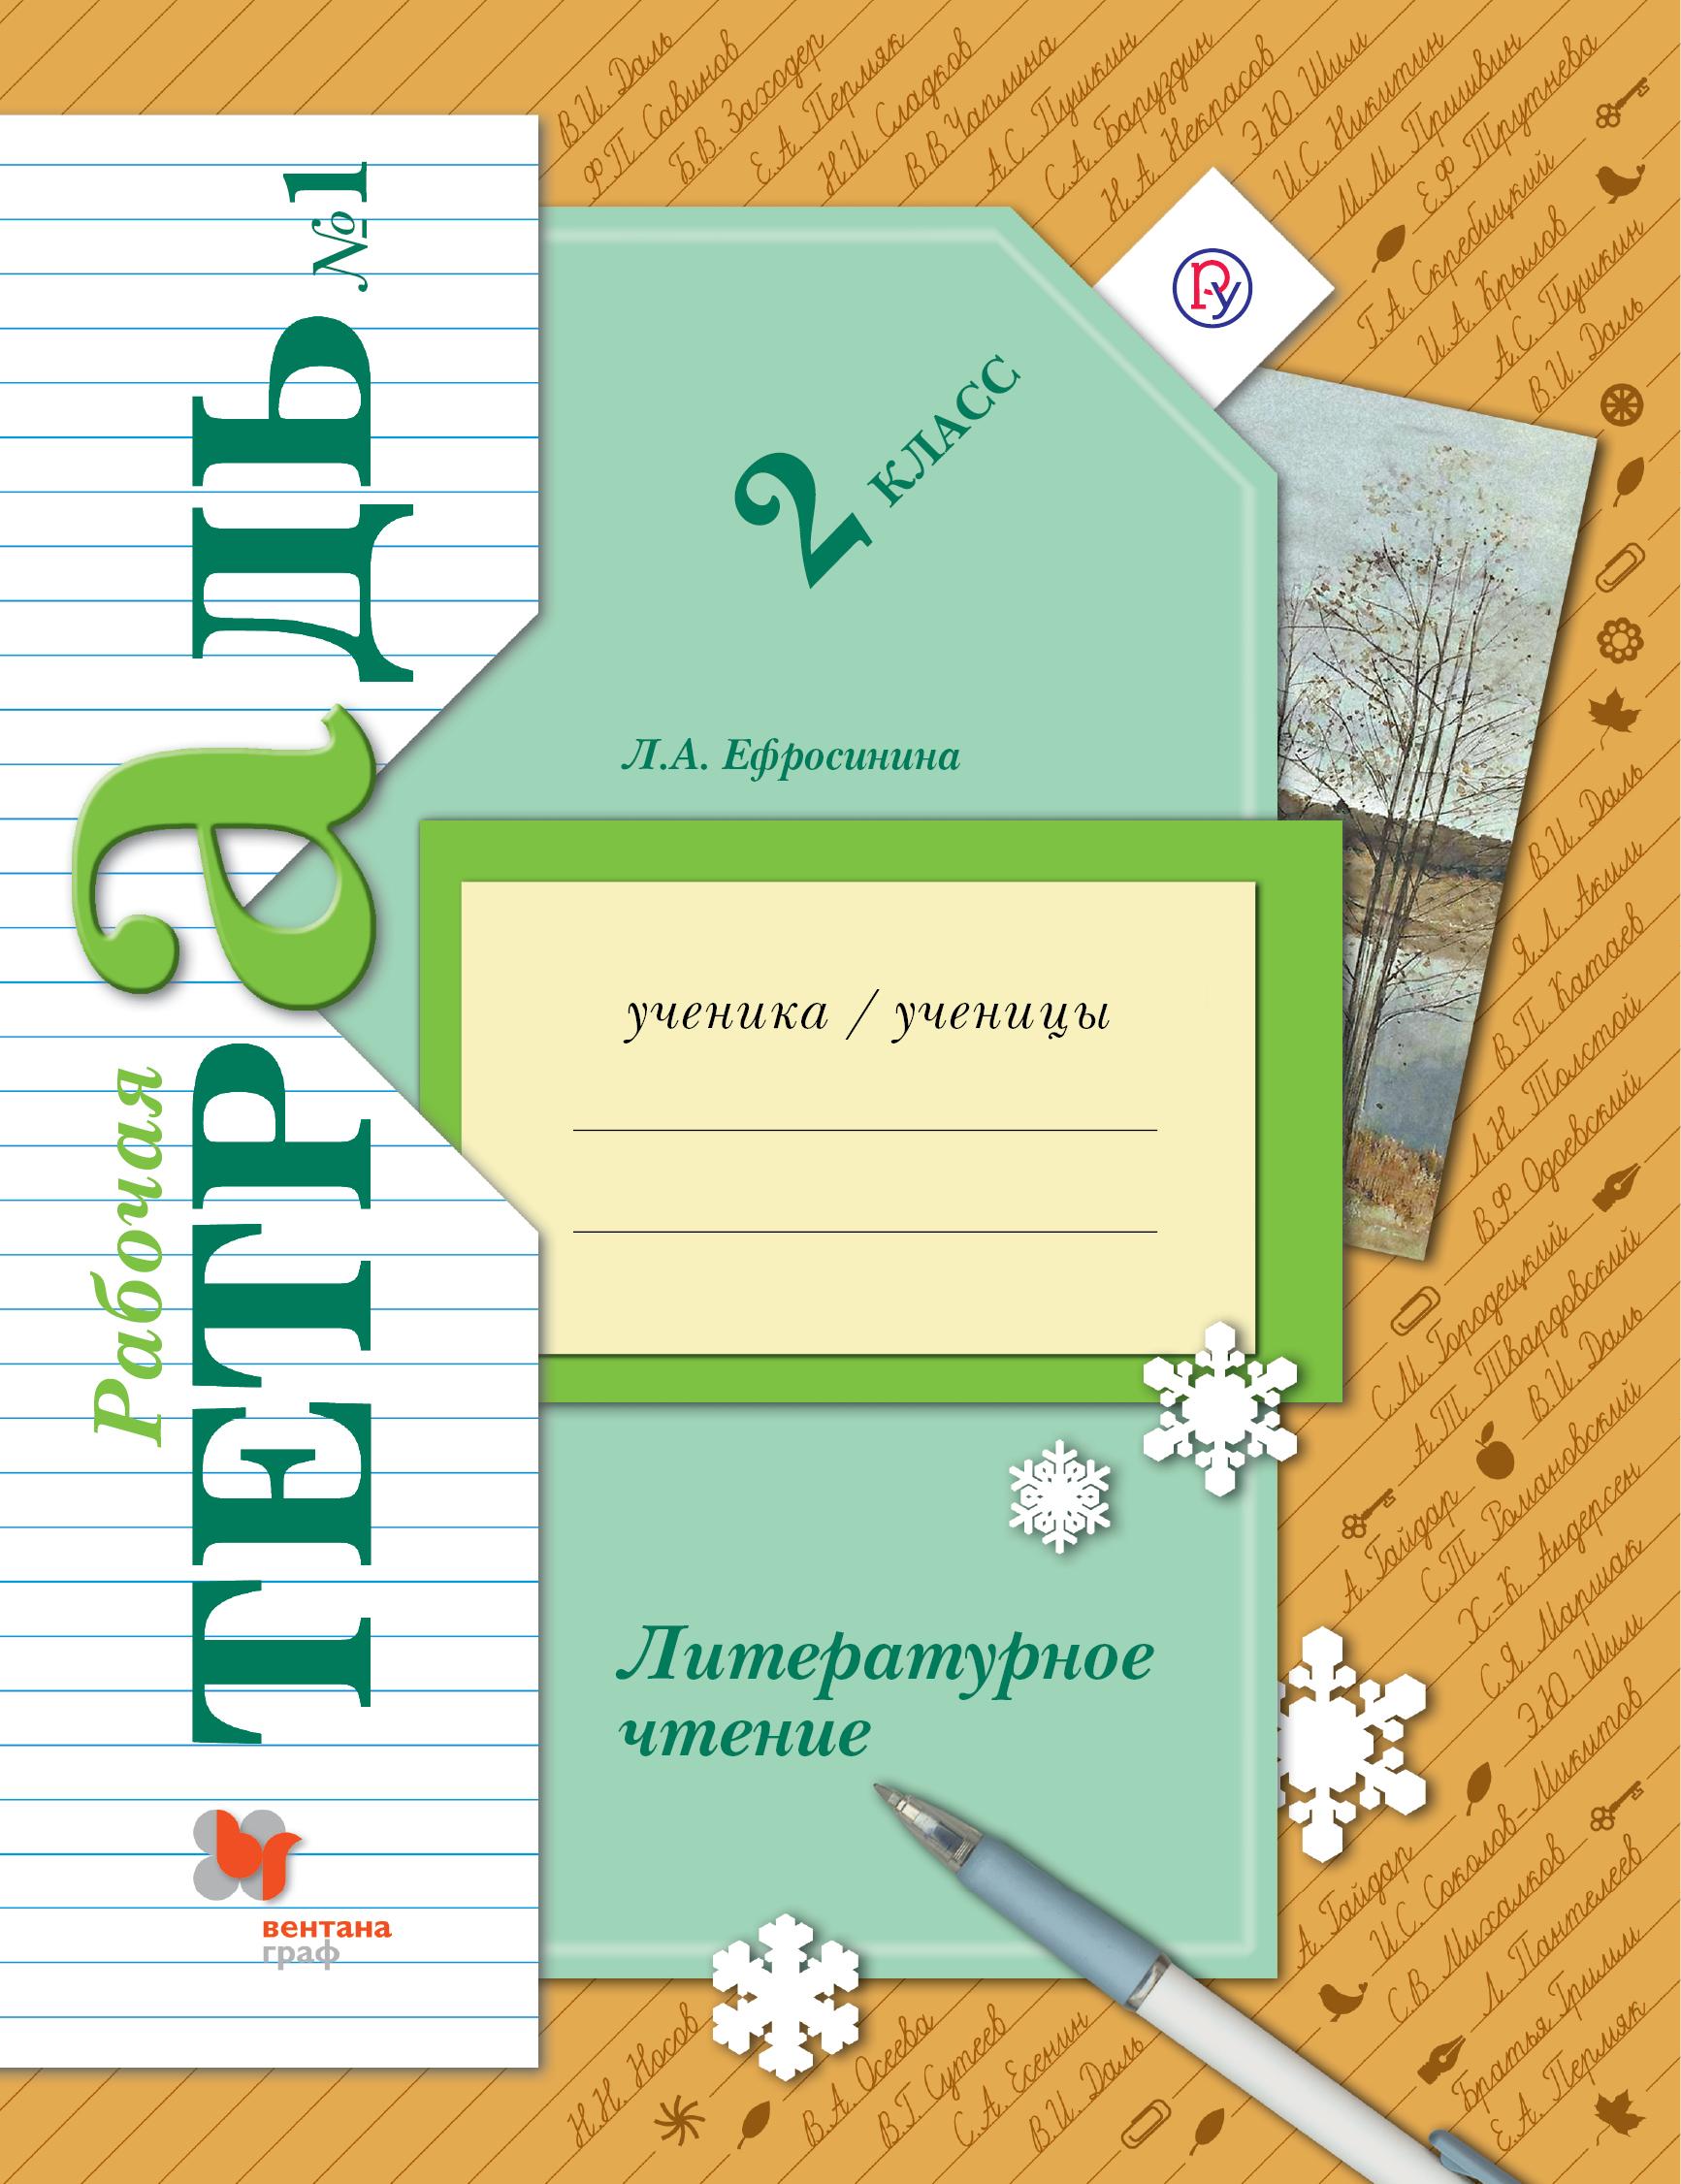 Литературное чтение. 2класс. Рабочая тетрадь №1. ( Ефросинина Любовь Александровна  )